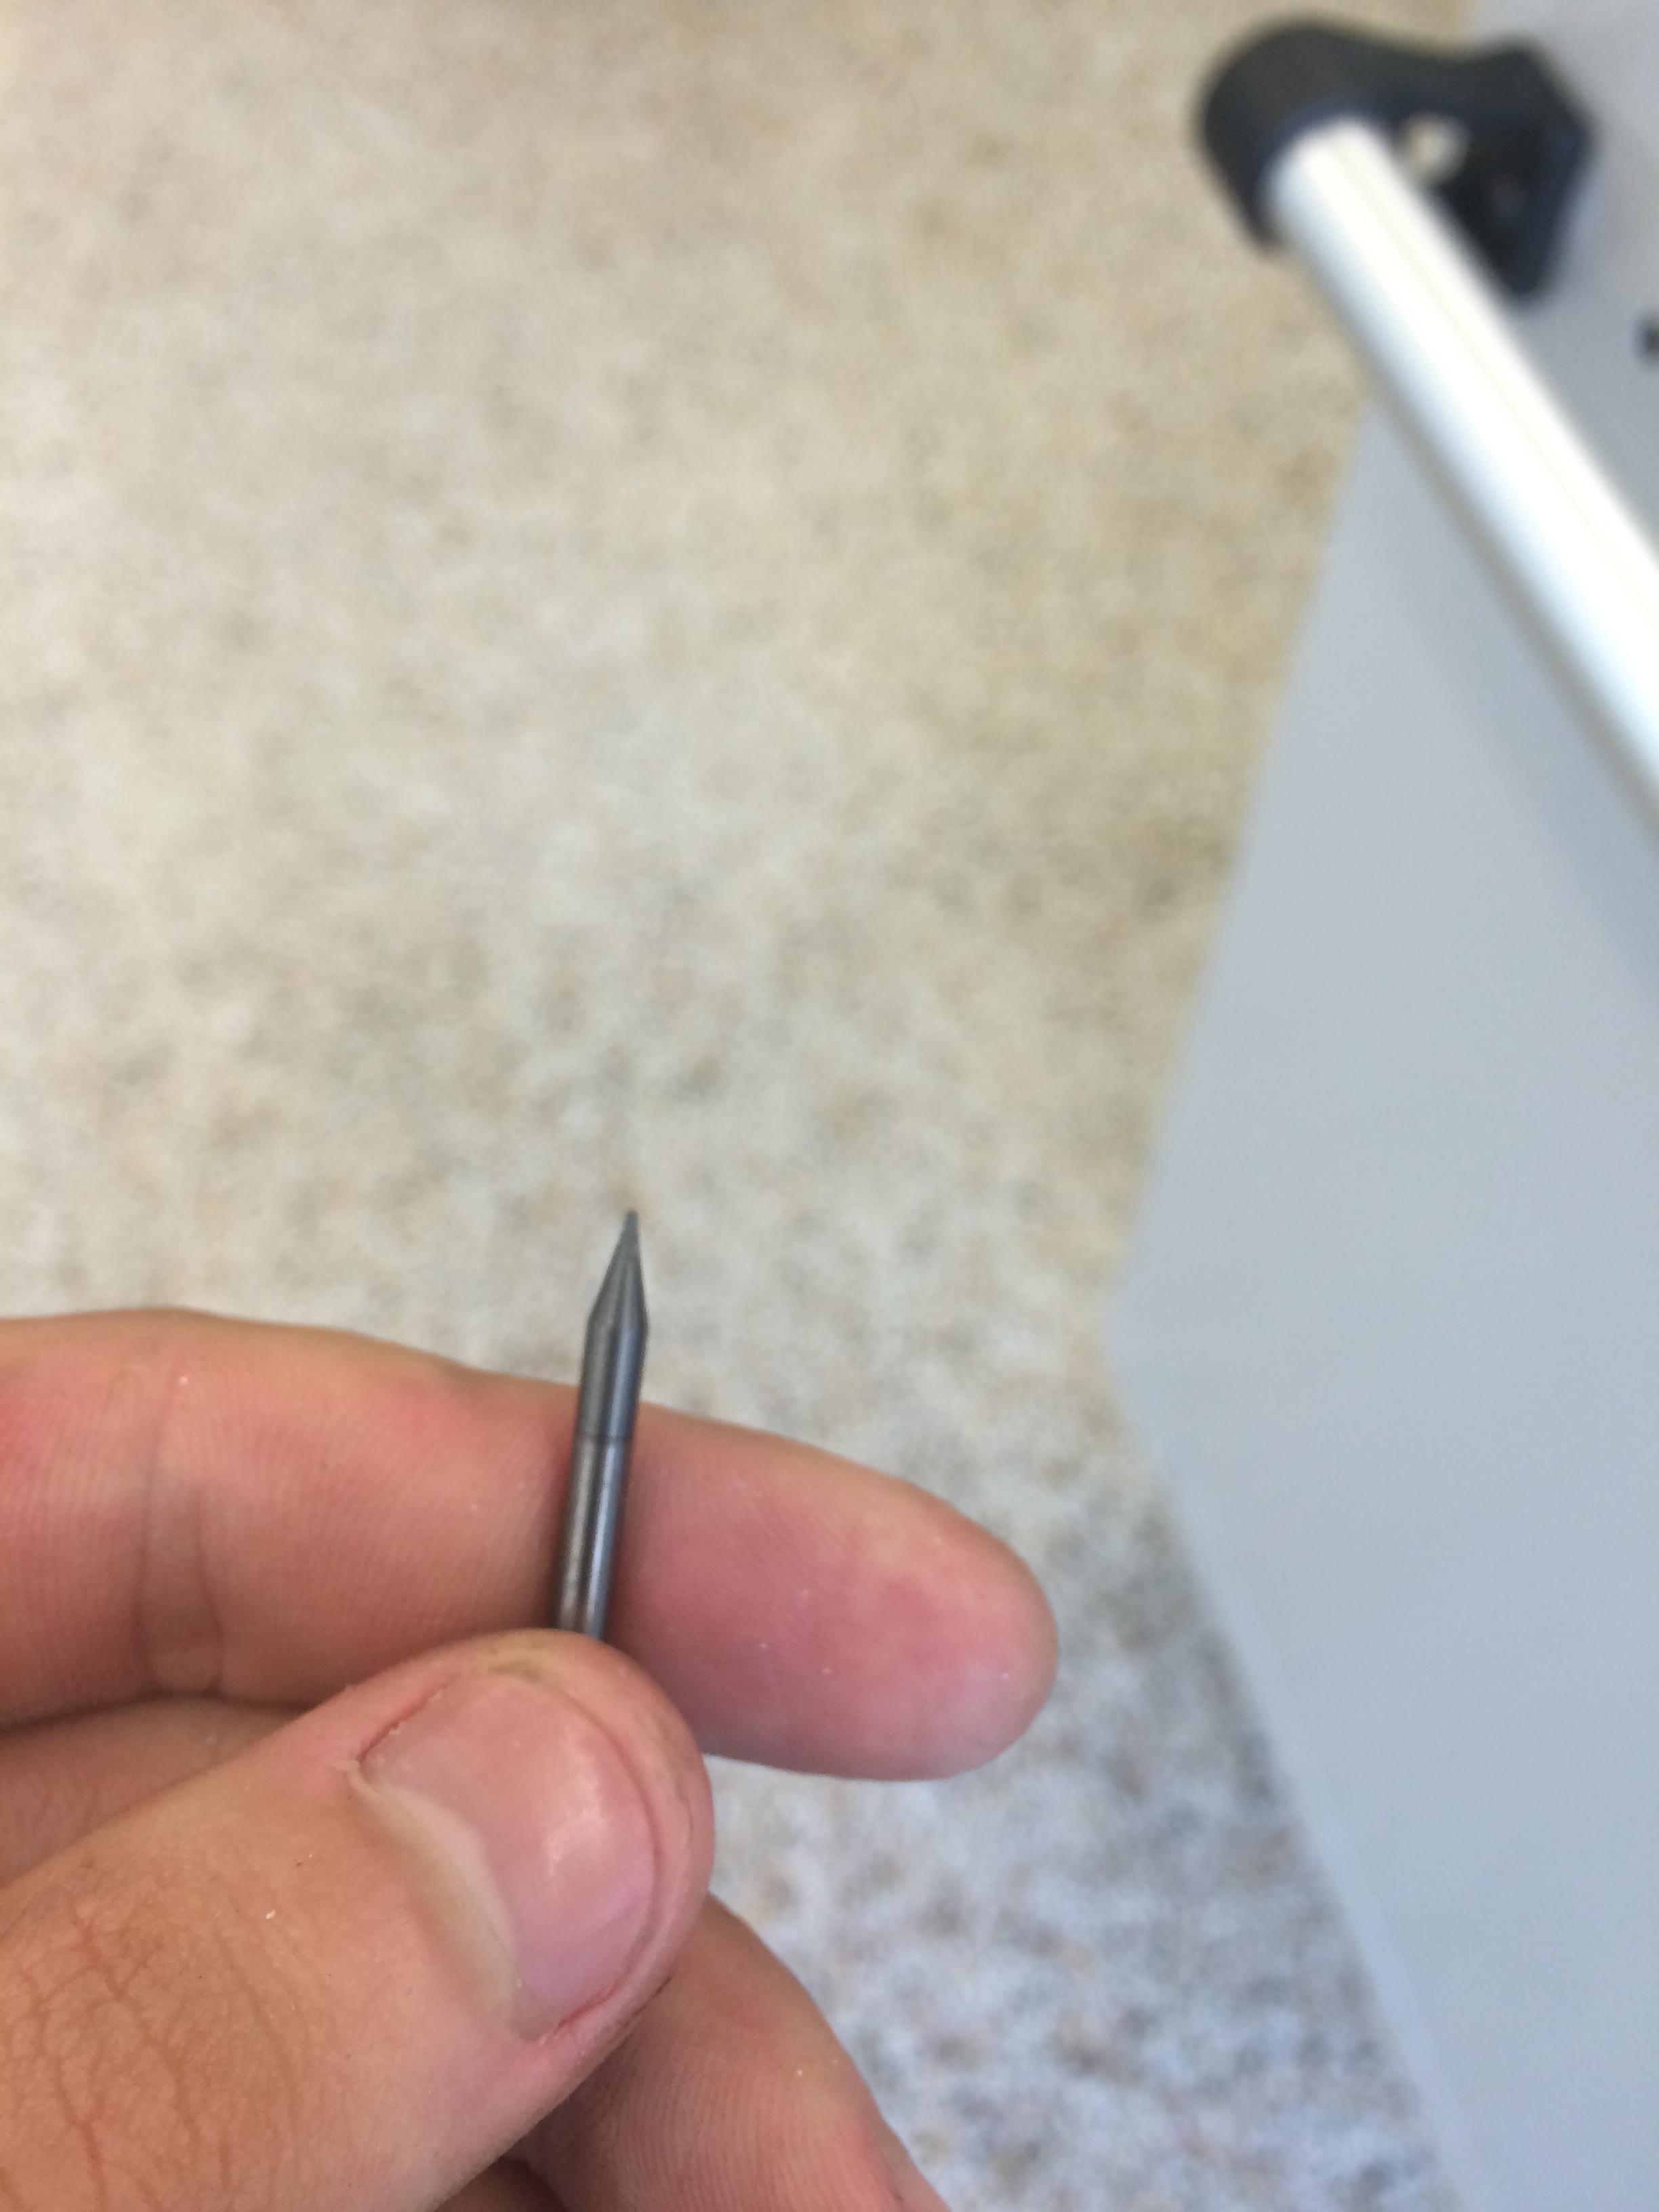 The broken tool.